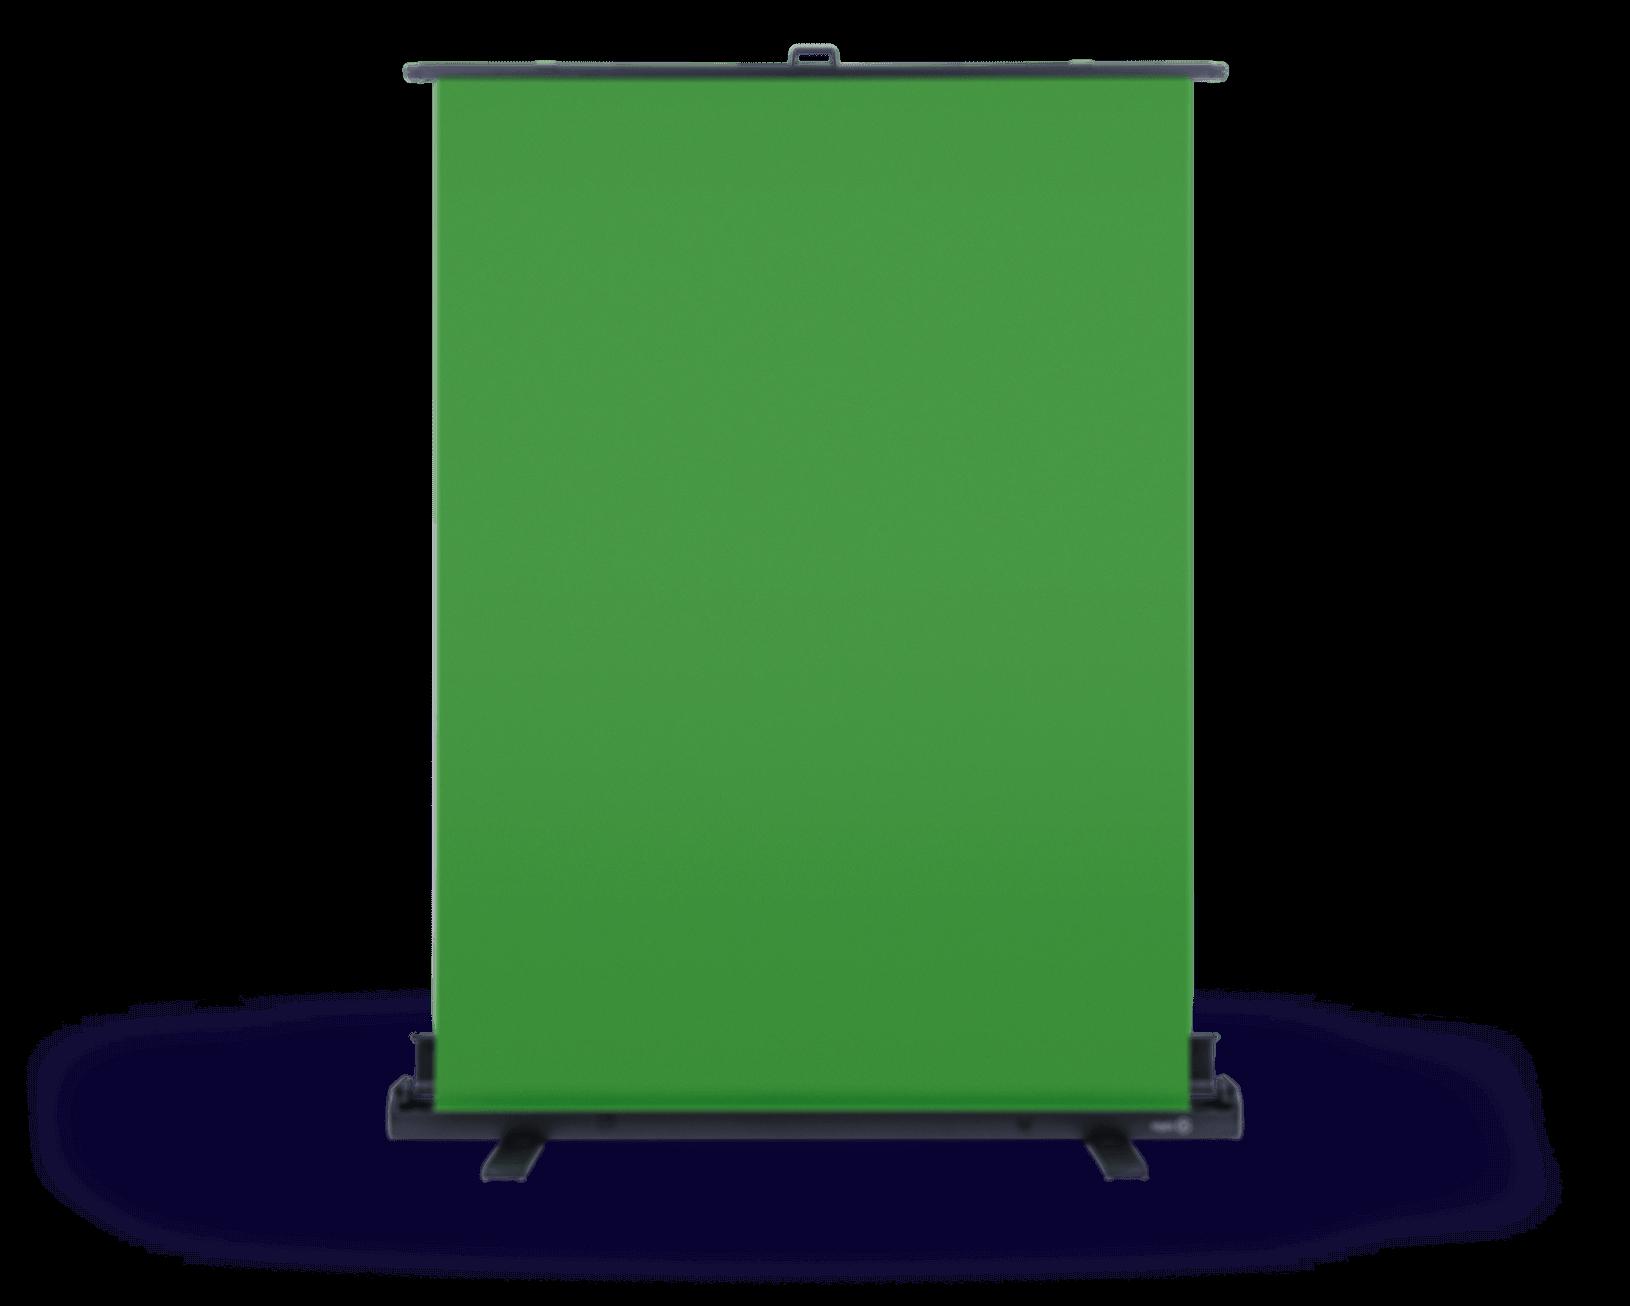 Furniture clipart window screen. Green elgato com